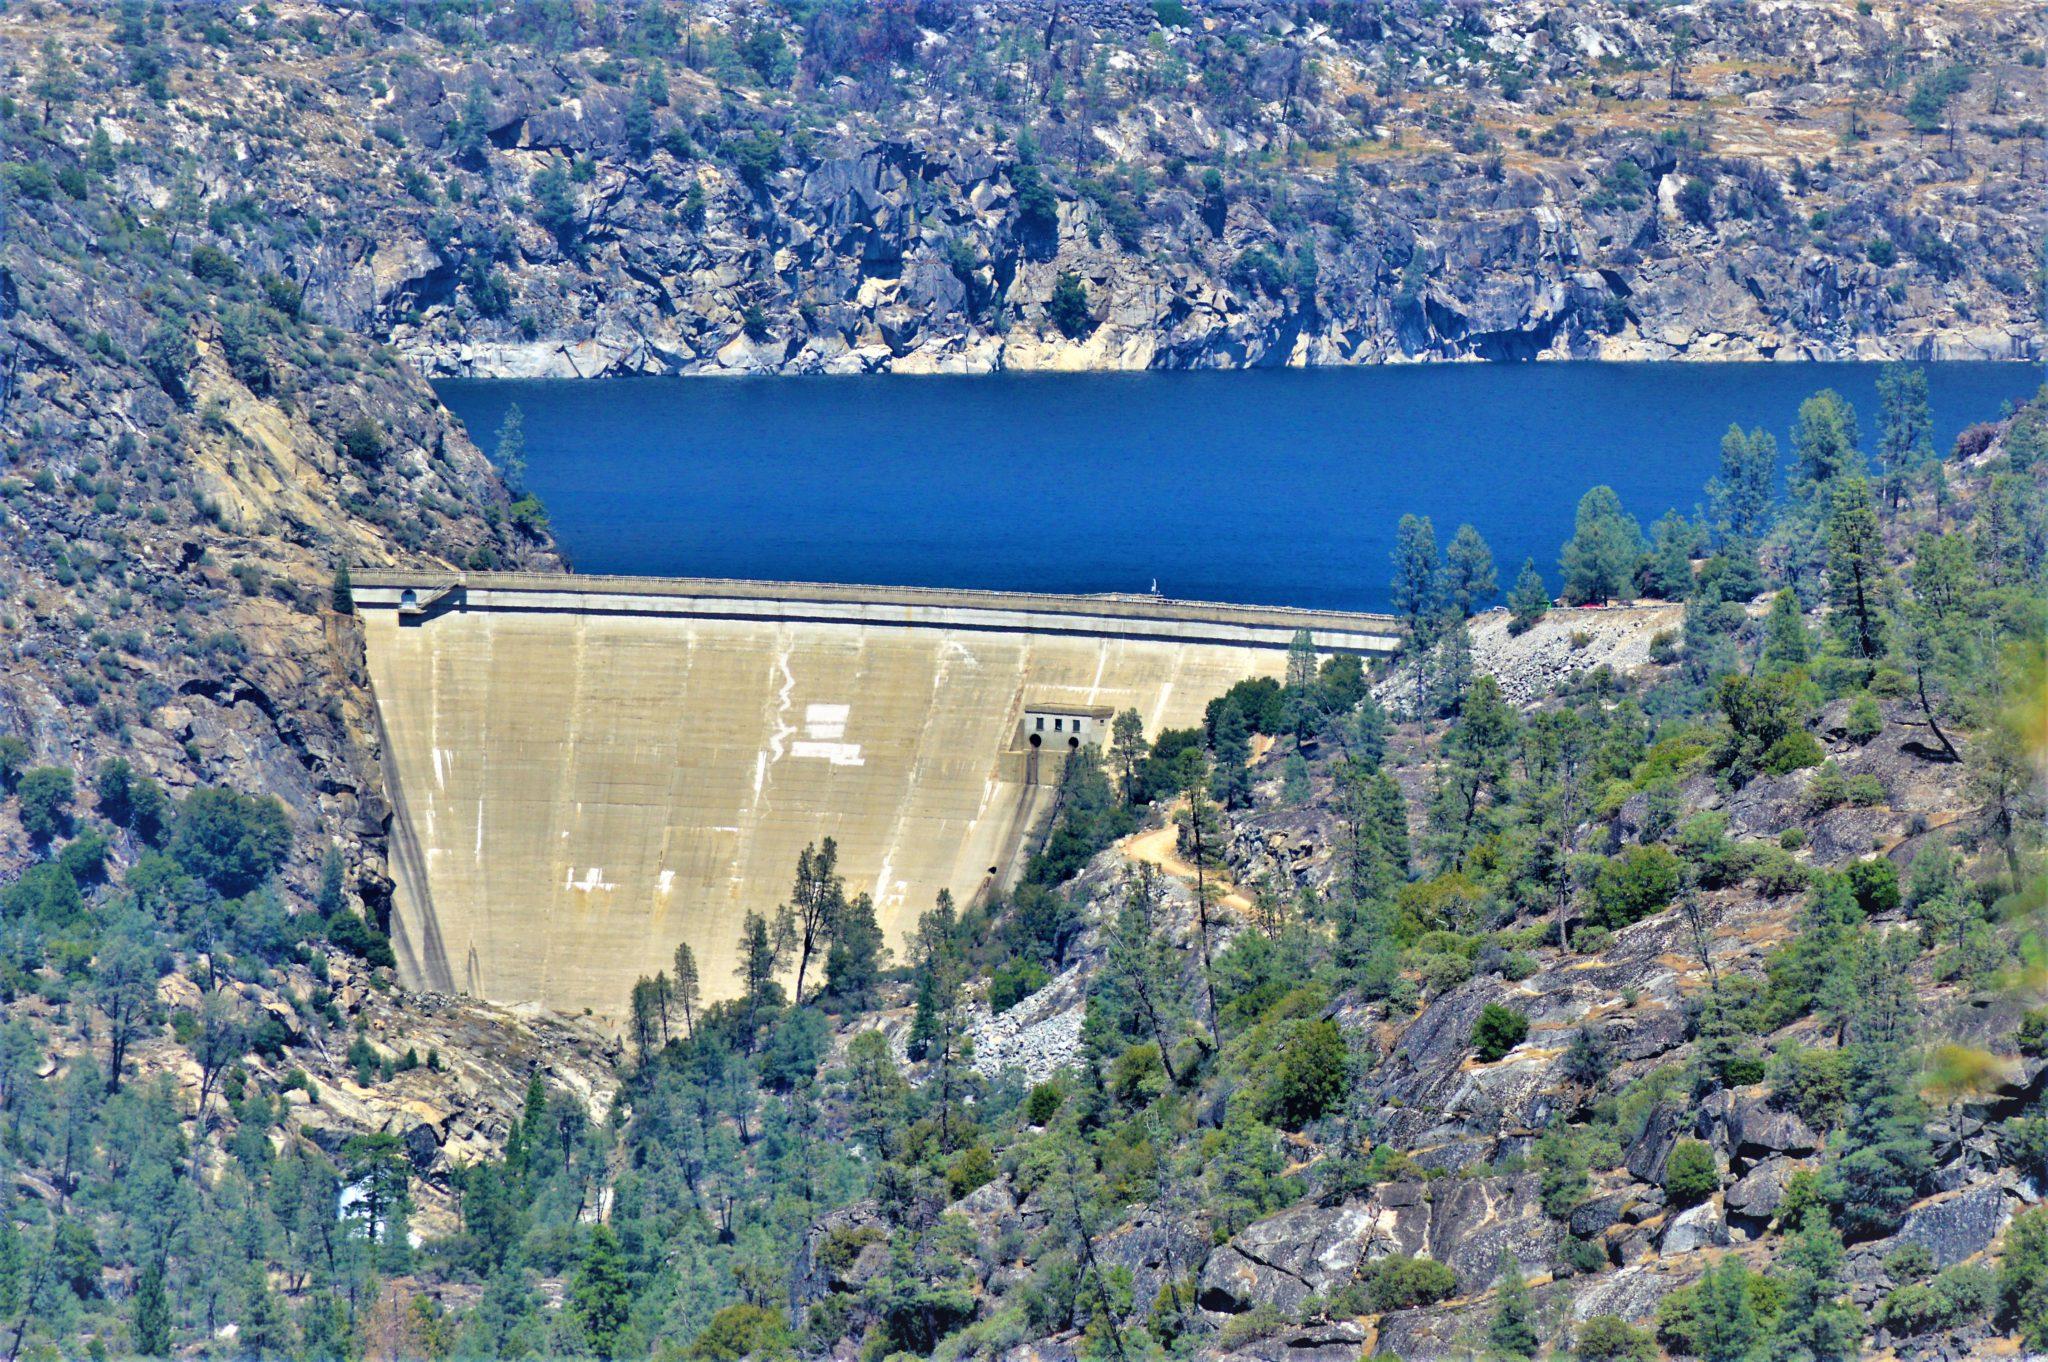 Hetch Hetchy dam, water, California